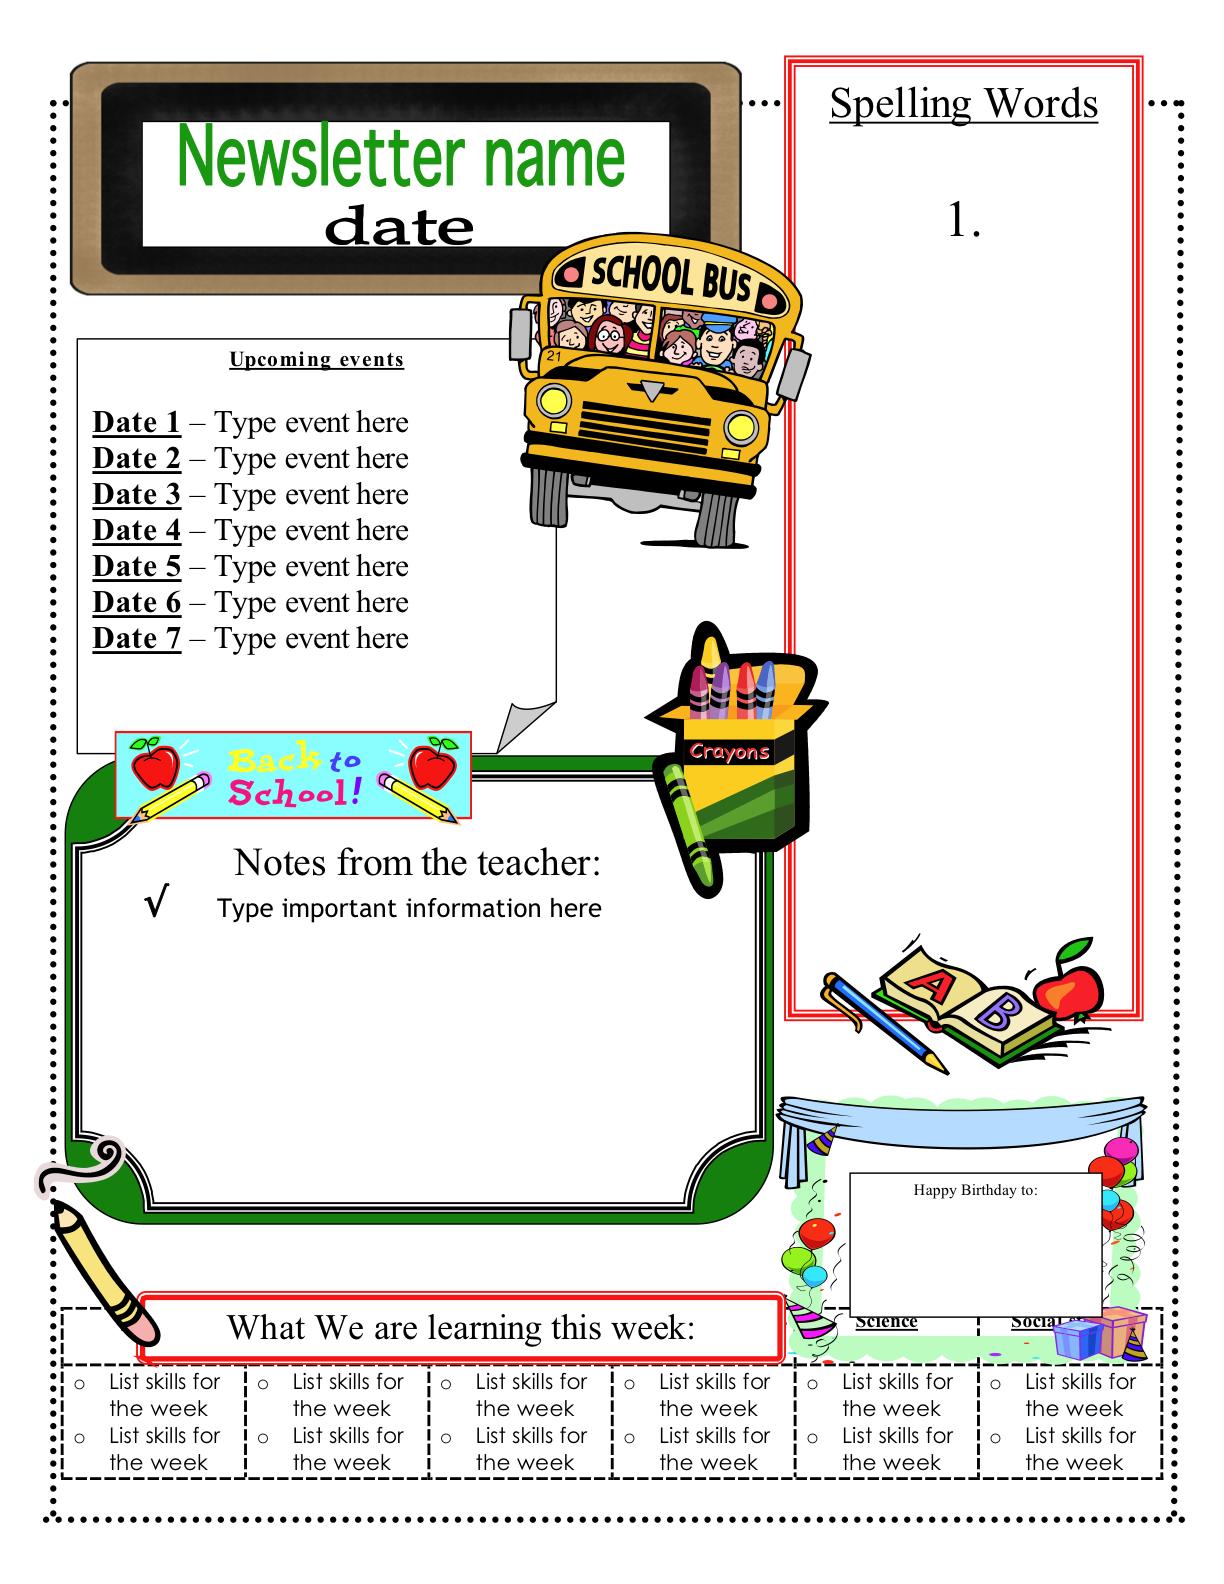 Classroom newsletter template fotolip rich image and wallpaper classroom newsletter template maxwellsz